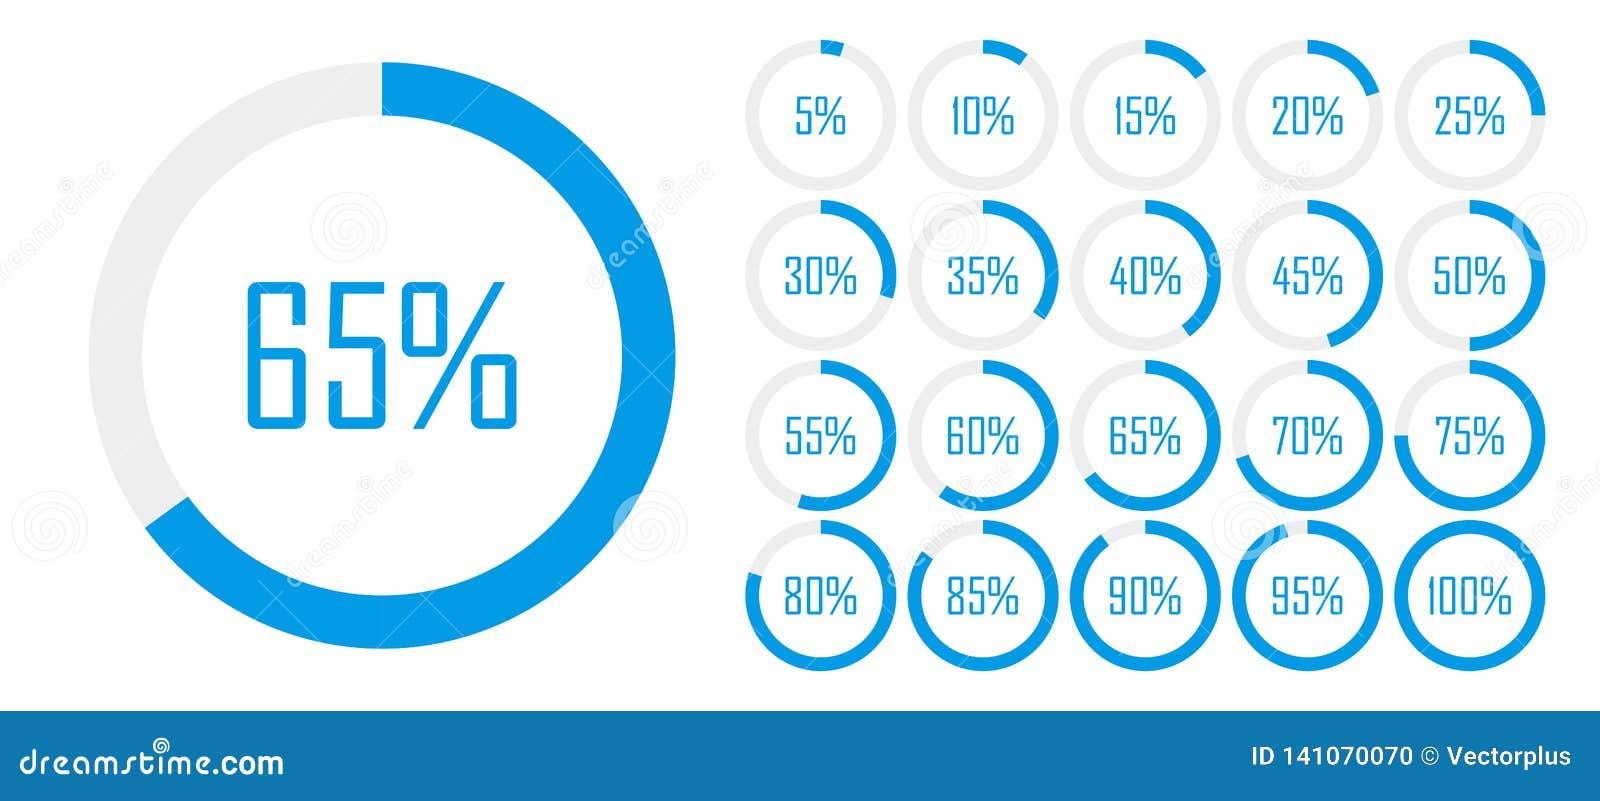 Fije de diagramas del porcentaje del círculo de 0 a 100 para el diseño web, el interfaz del usuario UI o infographic - indicador